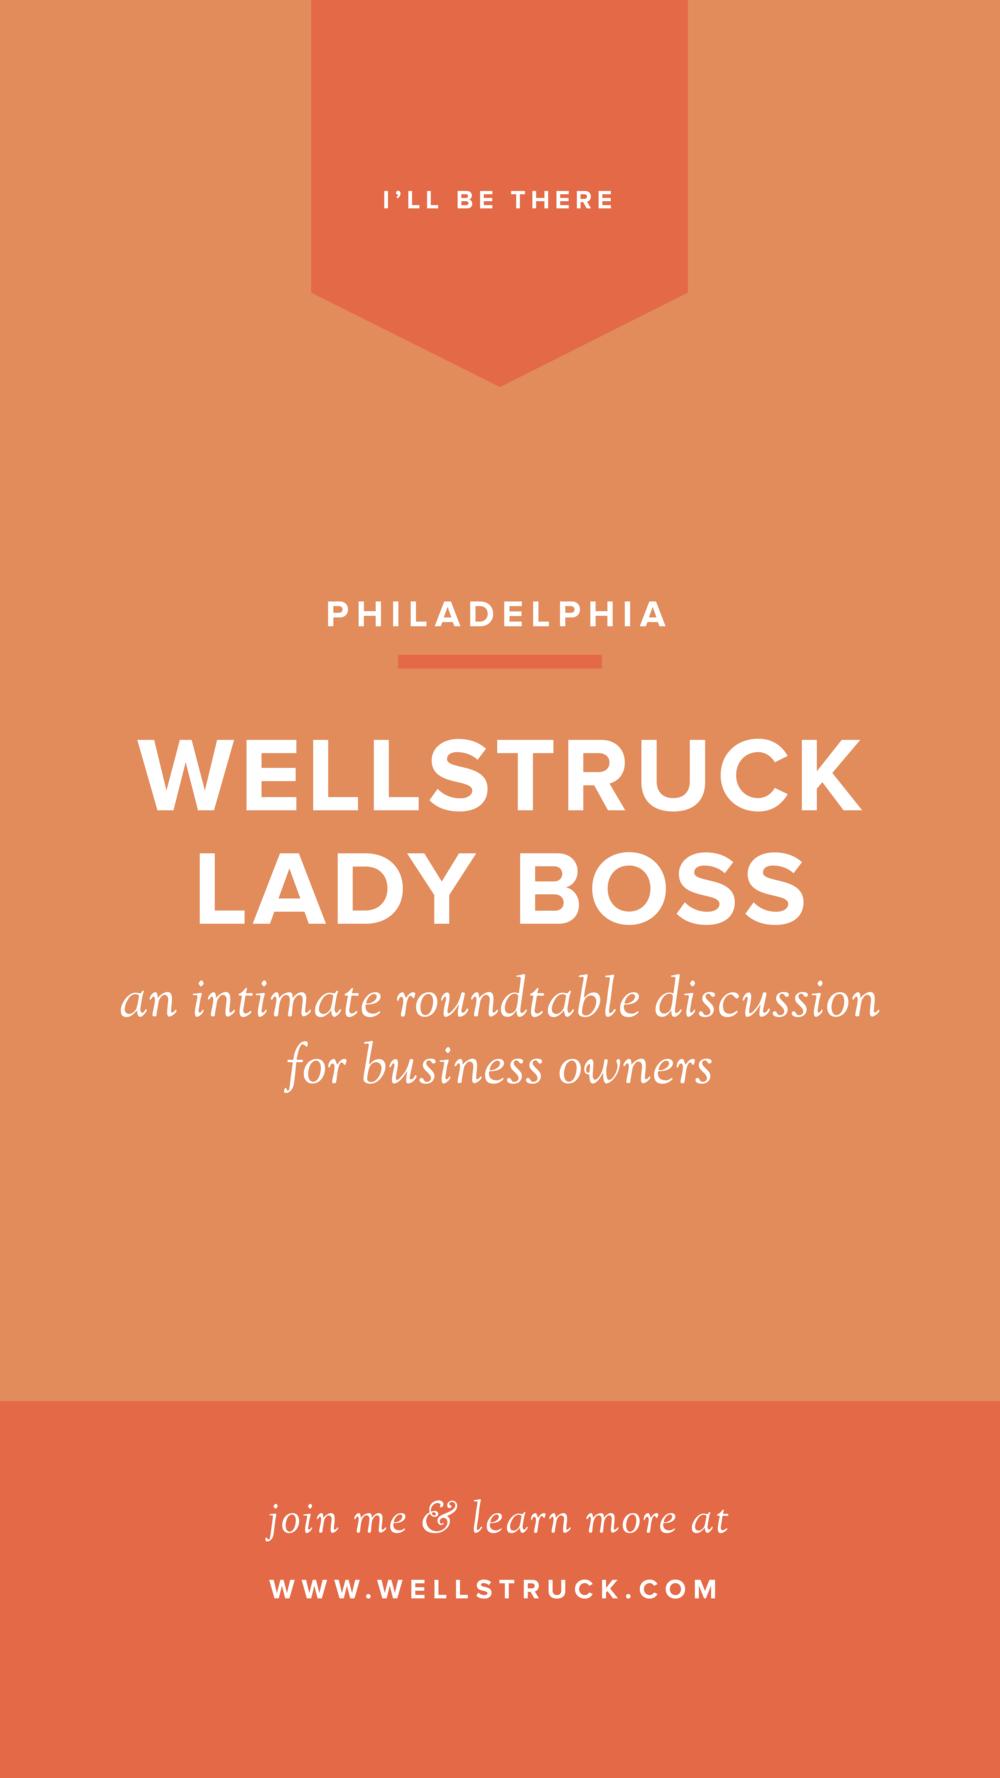 Wellstruck Lady Boss at Vault + Vine